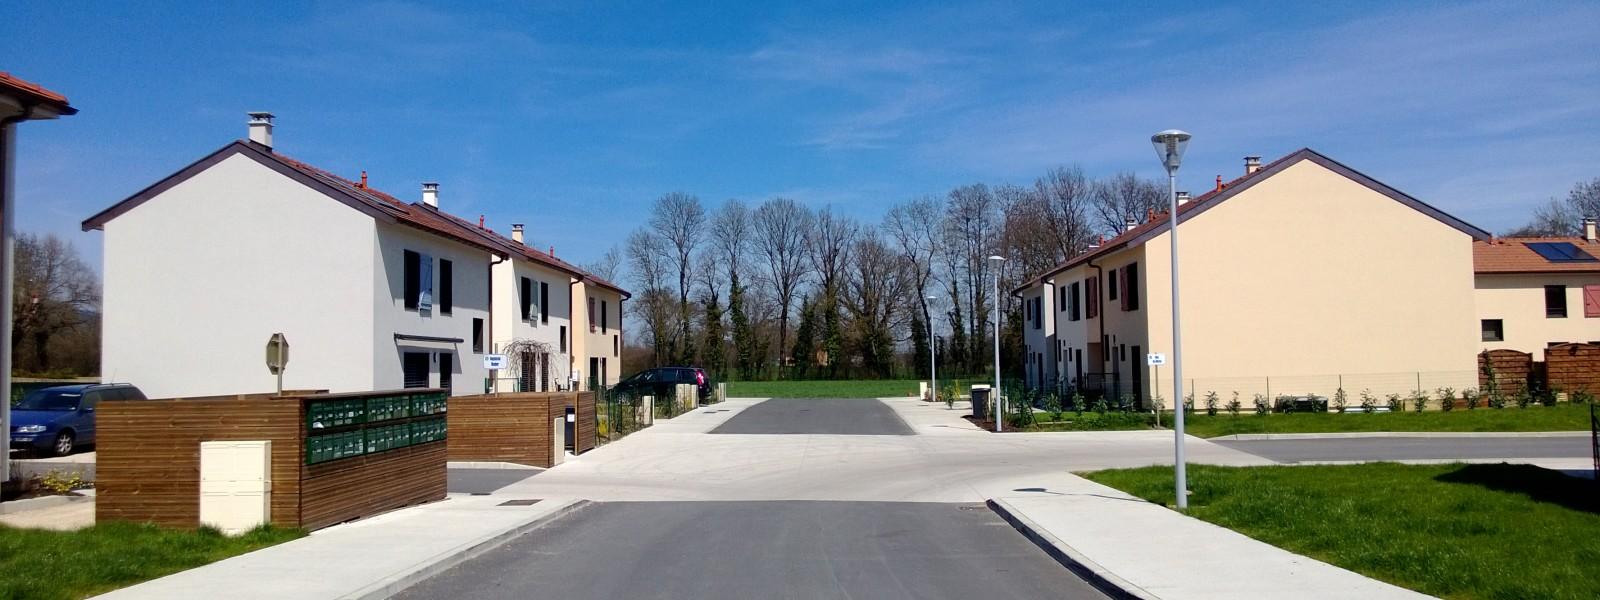 VERTE LILETTE - Visuel 2 - Impact immobilier 01